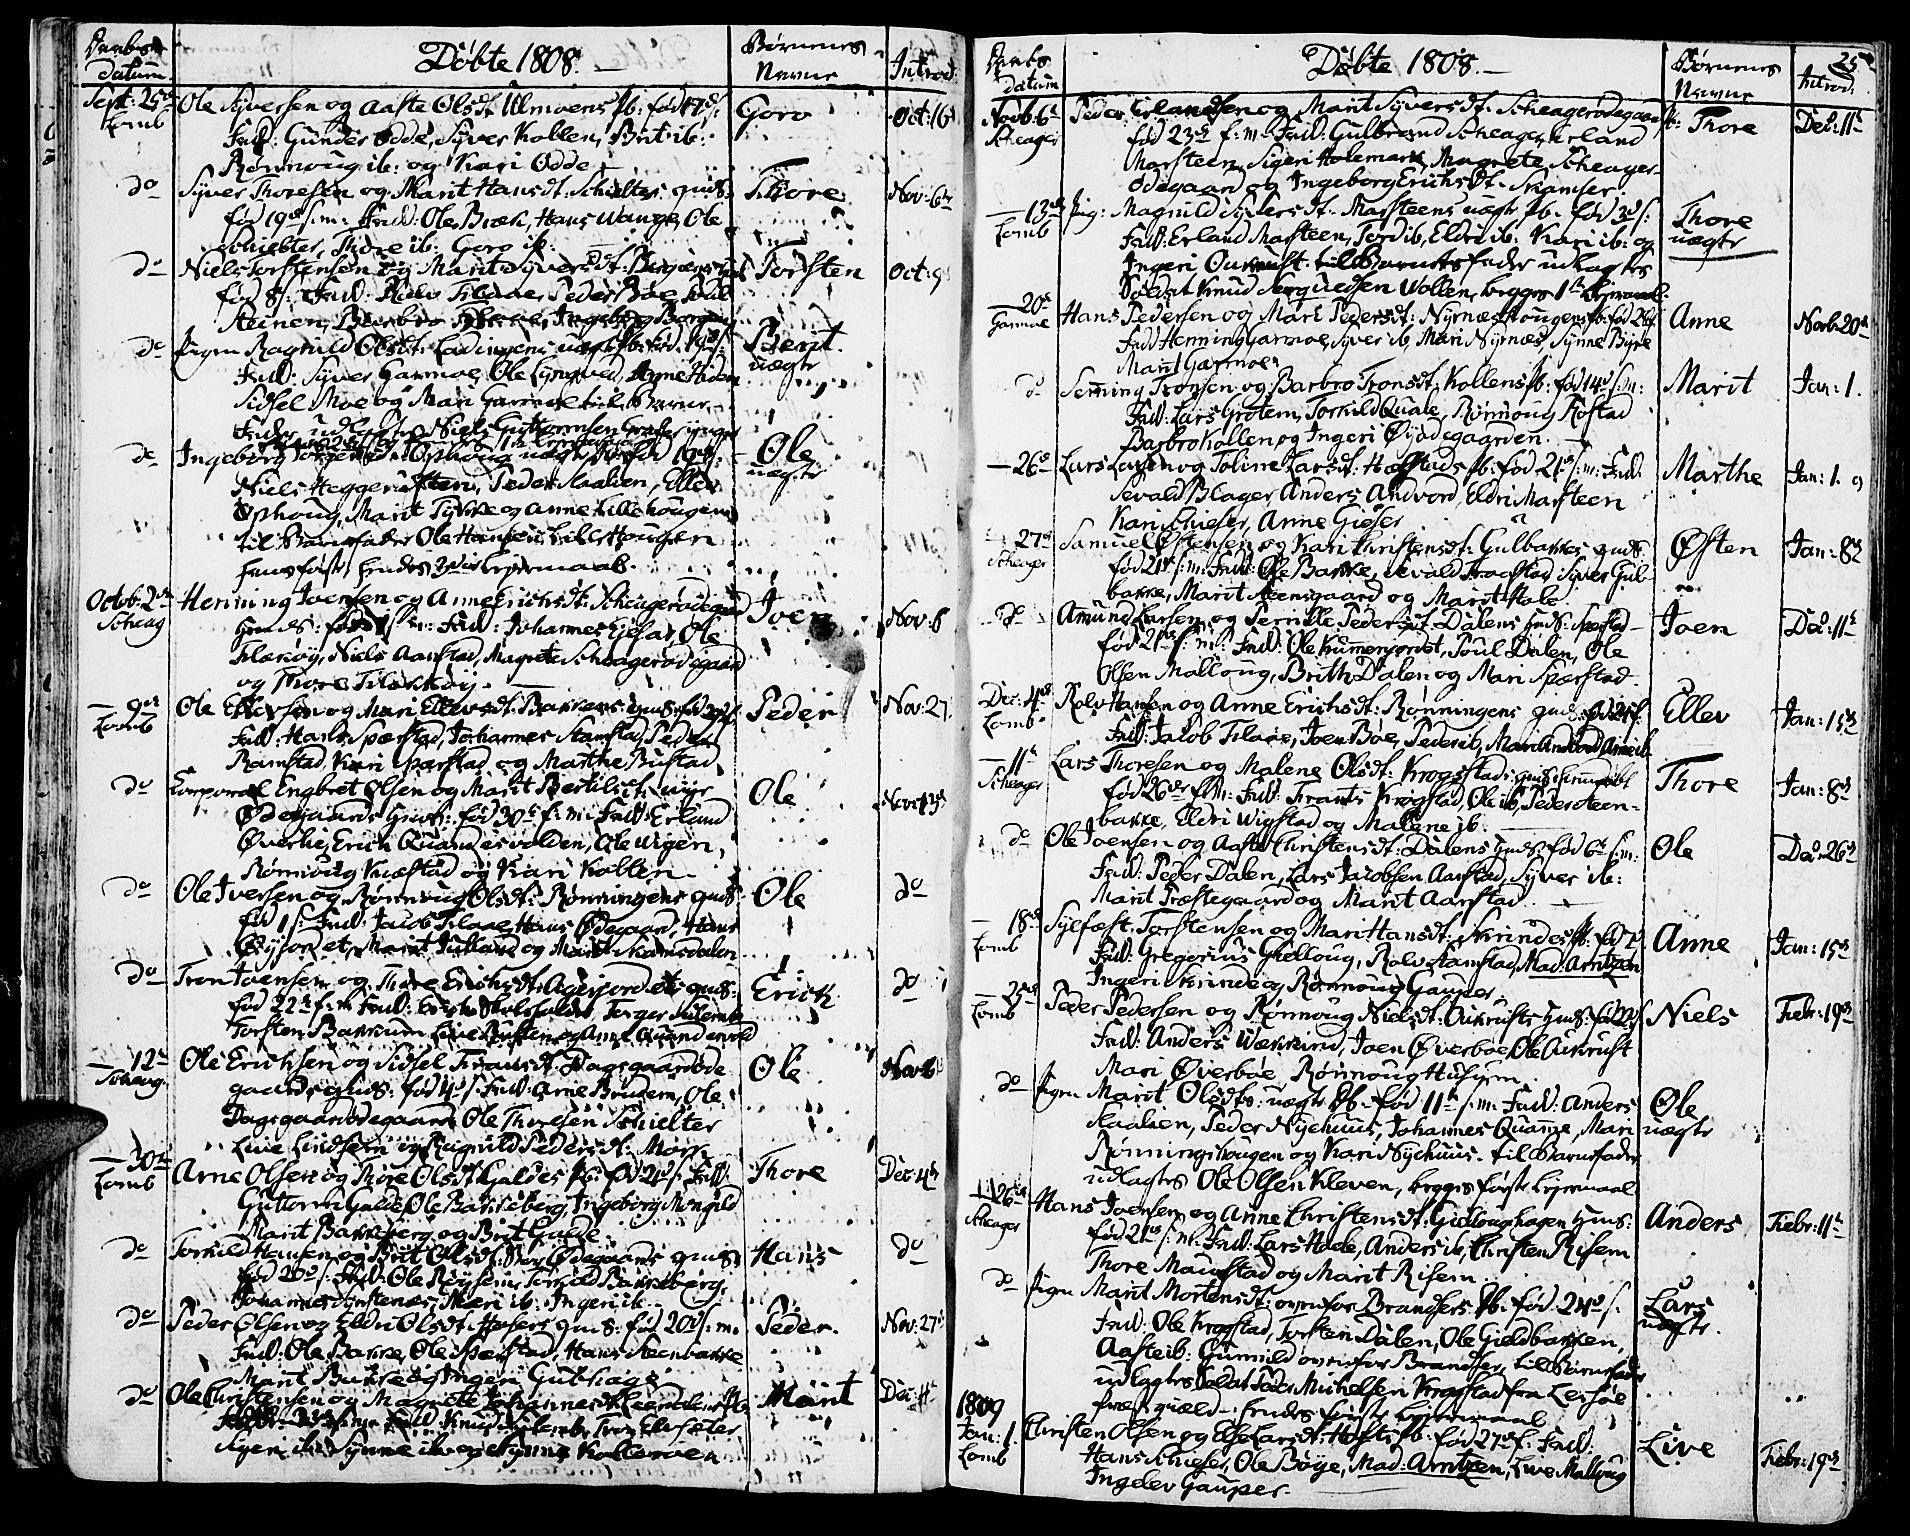 SAH, Lom prestekontor, K/L0003: Ministerialbok nr. 3, 1801-1825, s. 25